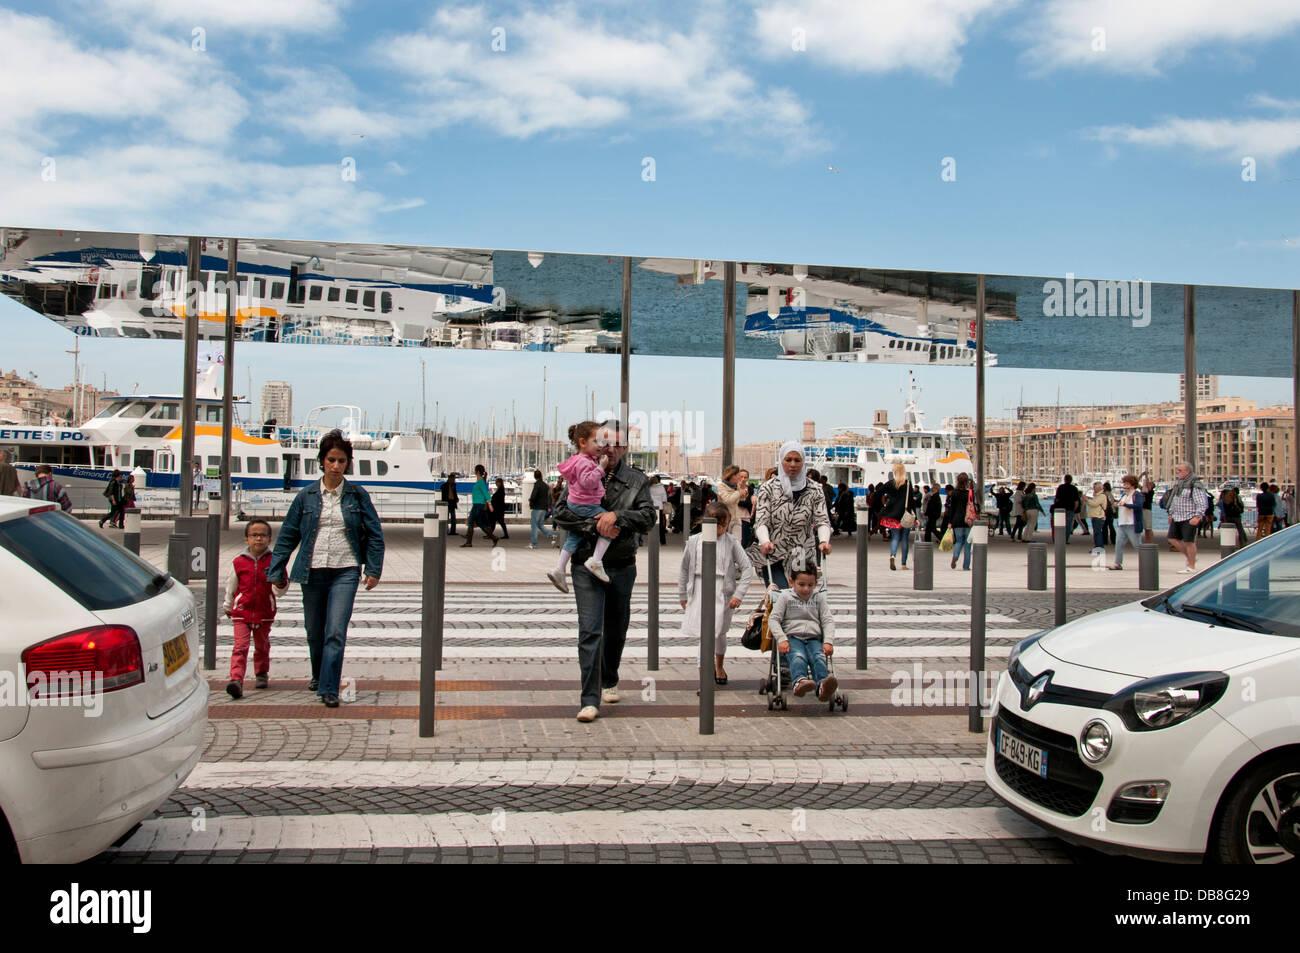 Riflessioni di Norman Foster baldacchino sul Quai des Belges vecchio Vieux Port Marsiglia Francia Immagini Stock